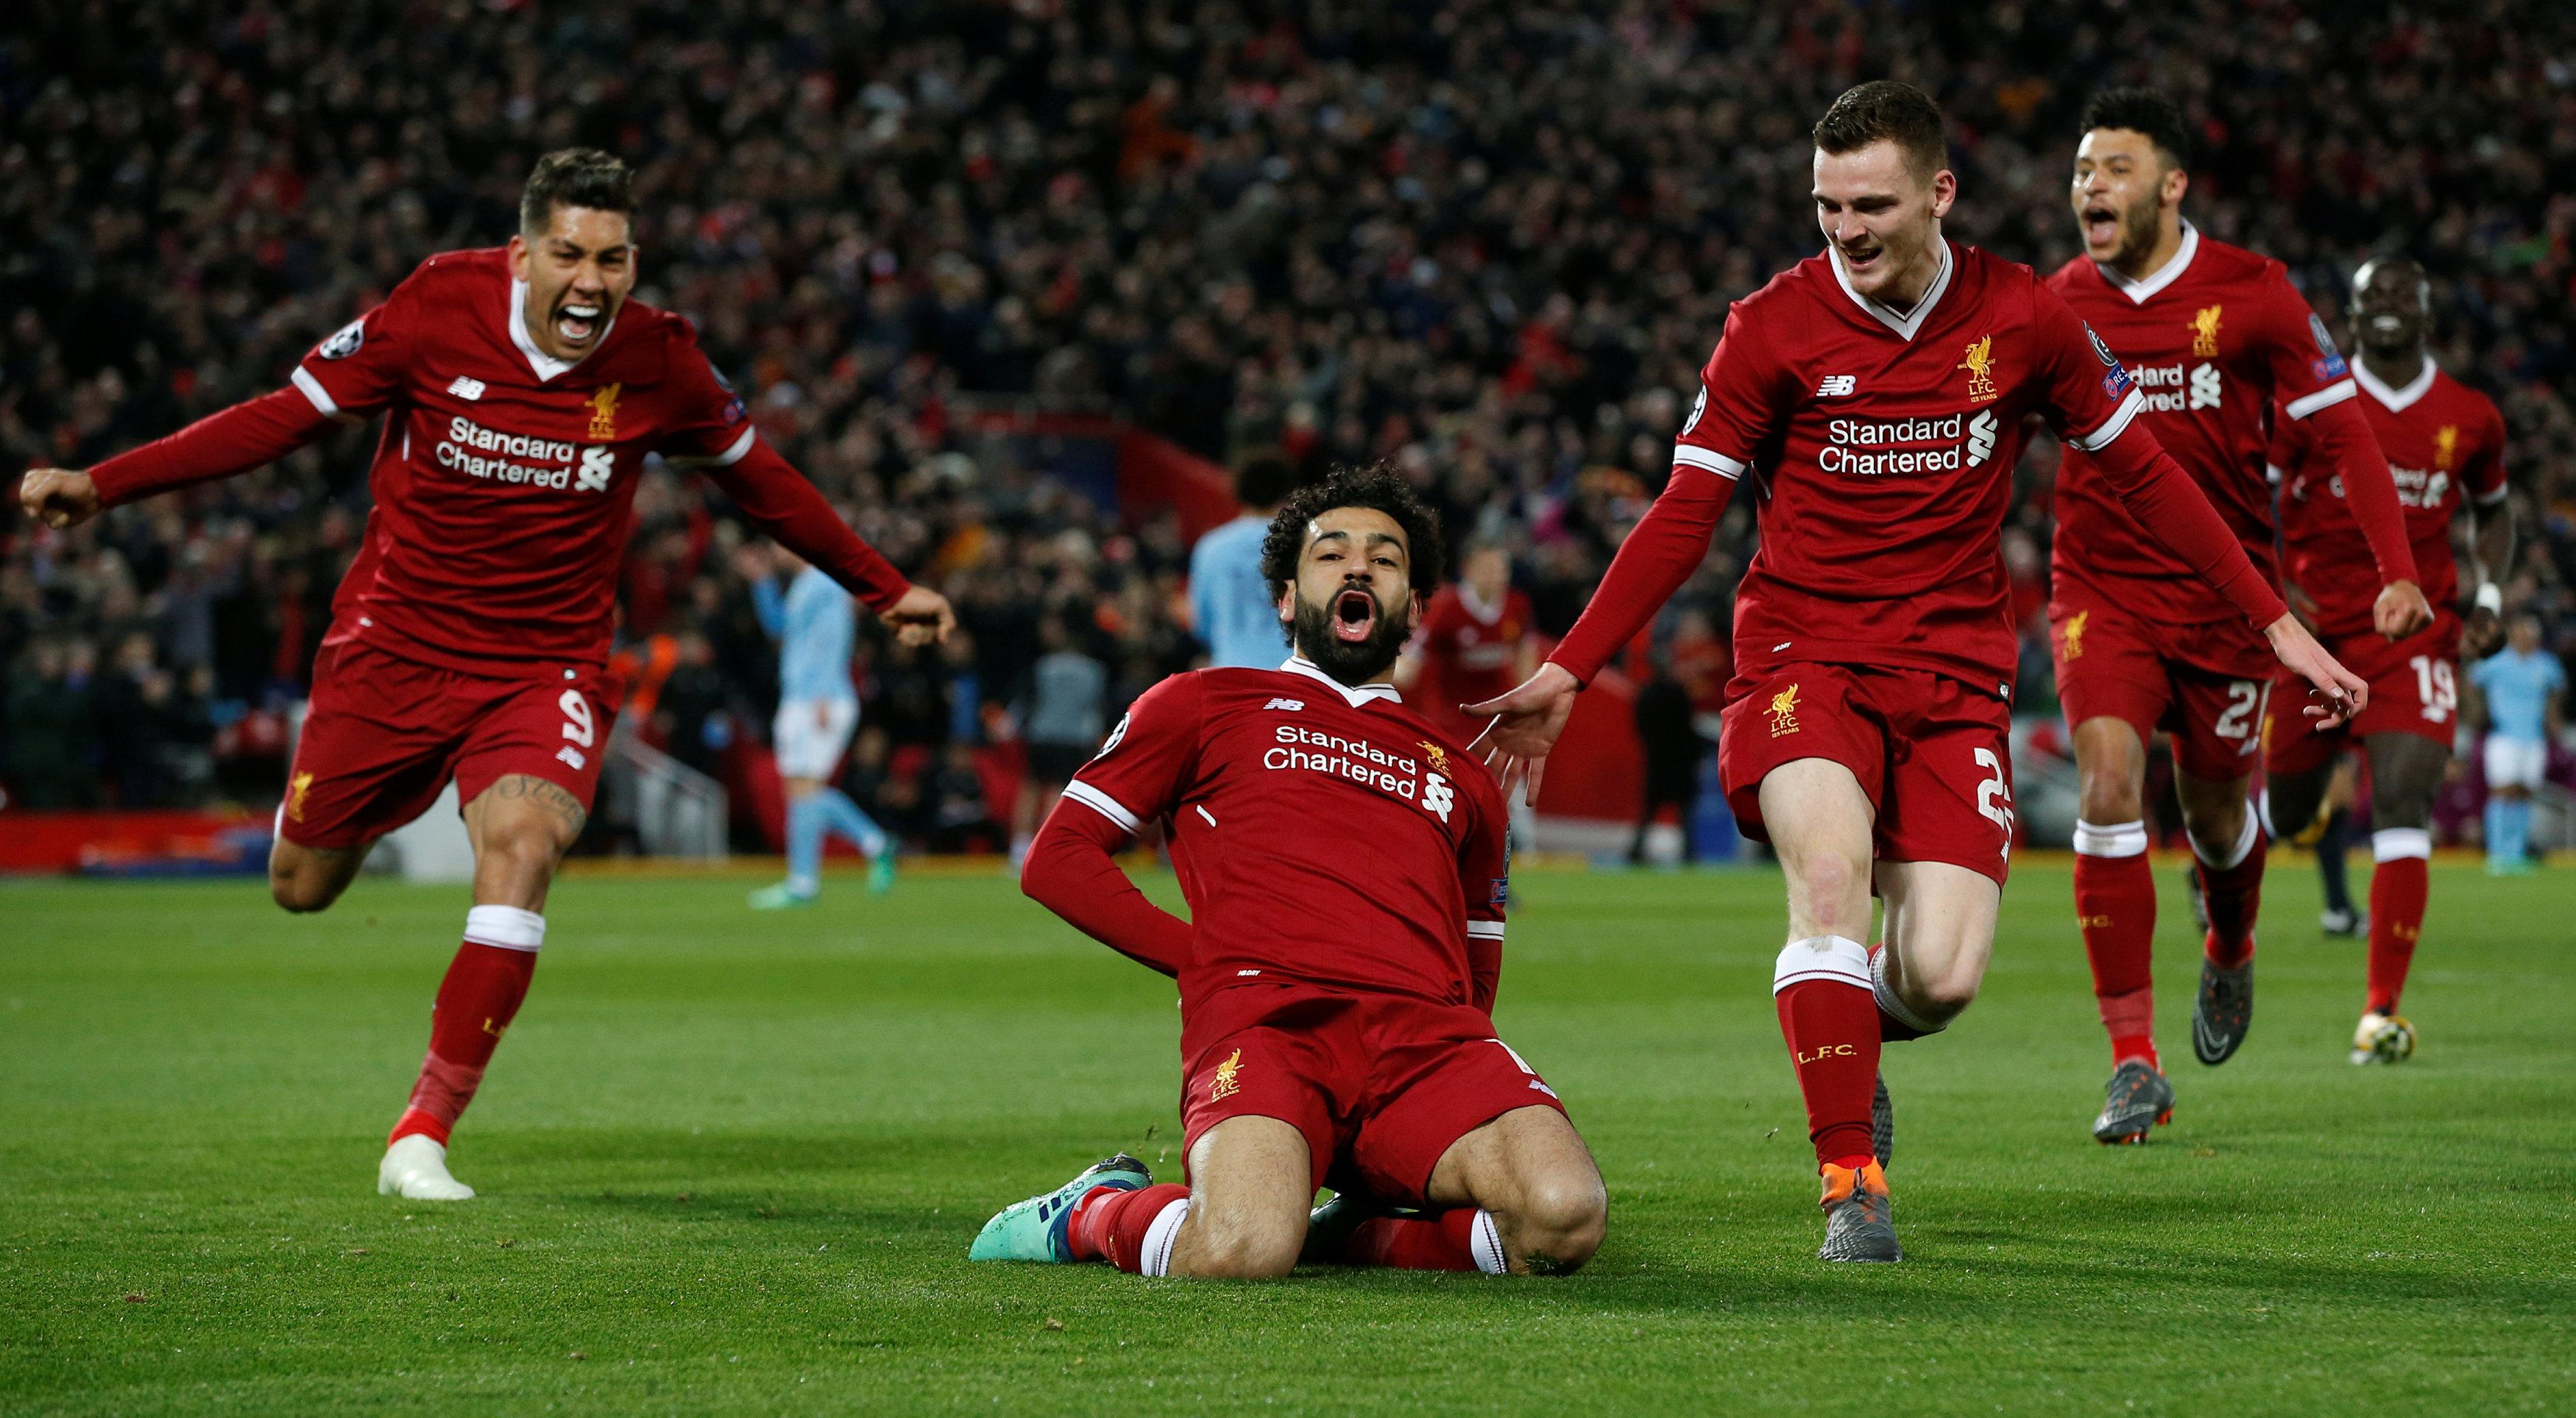 Niềm vui của Salah sau khi ghi bàn cho Liverpool. Ảnh: REUTERS